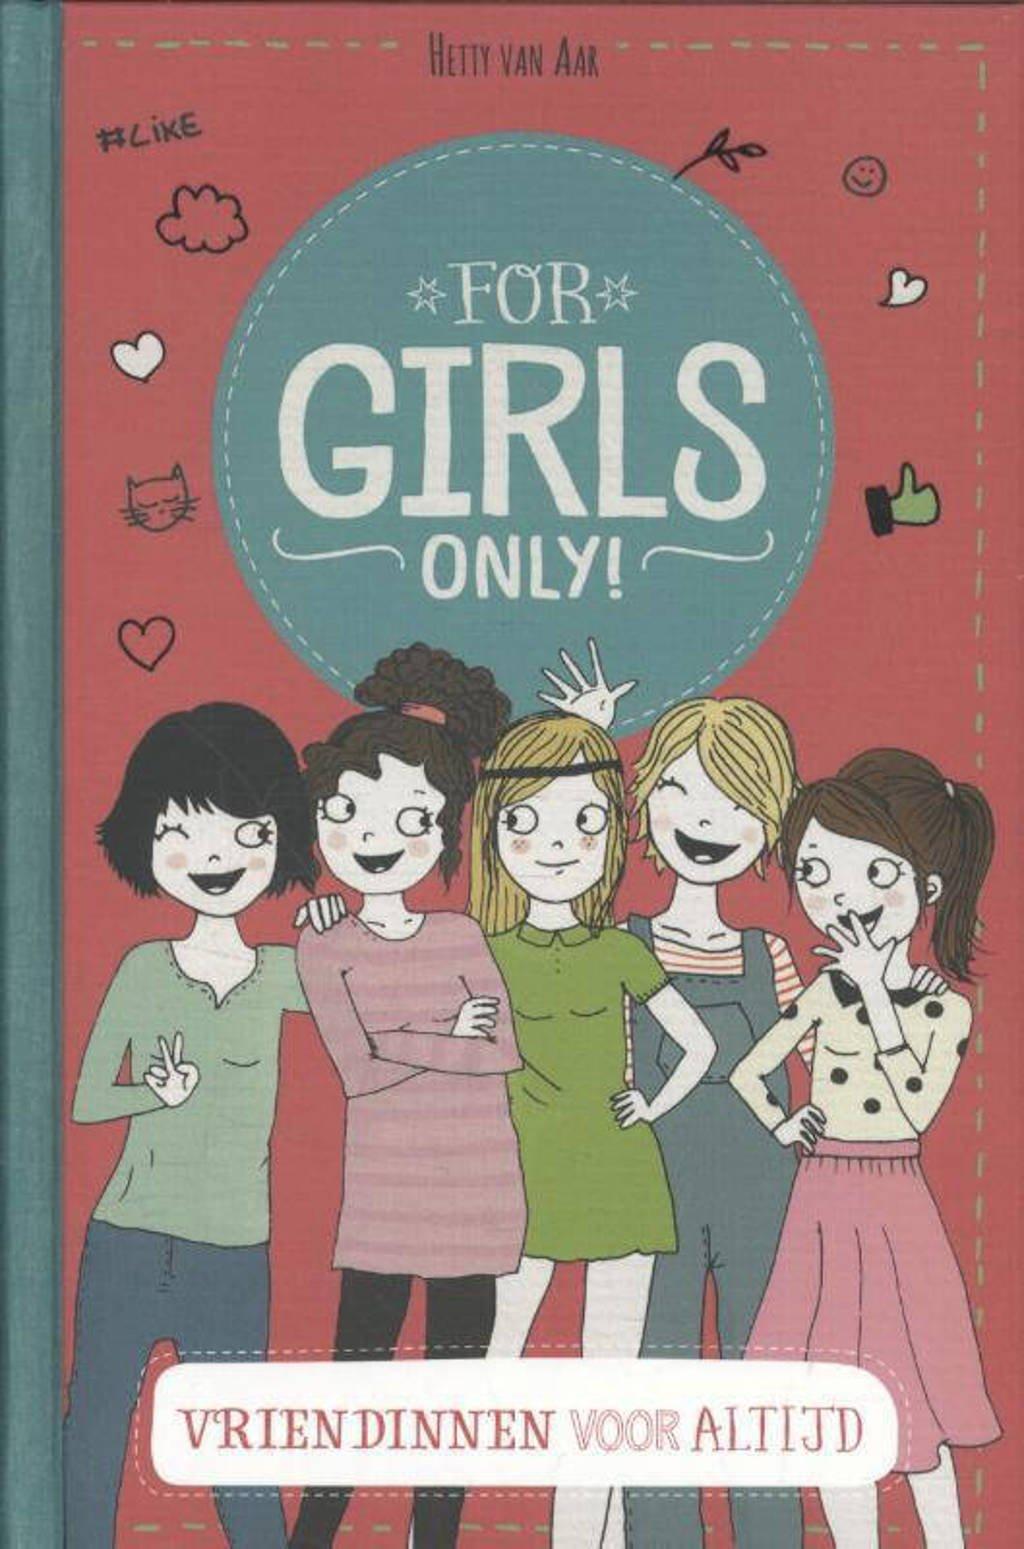 For Girls Only!: Vriendinnen voor altijd - Hetty Van Aar